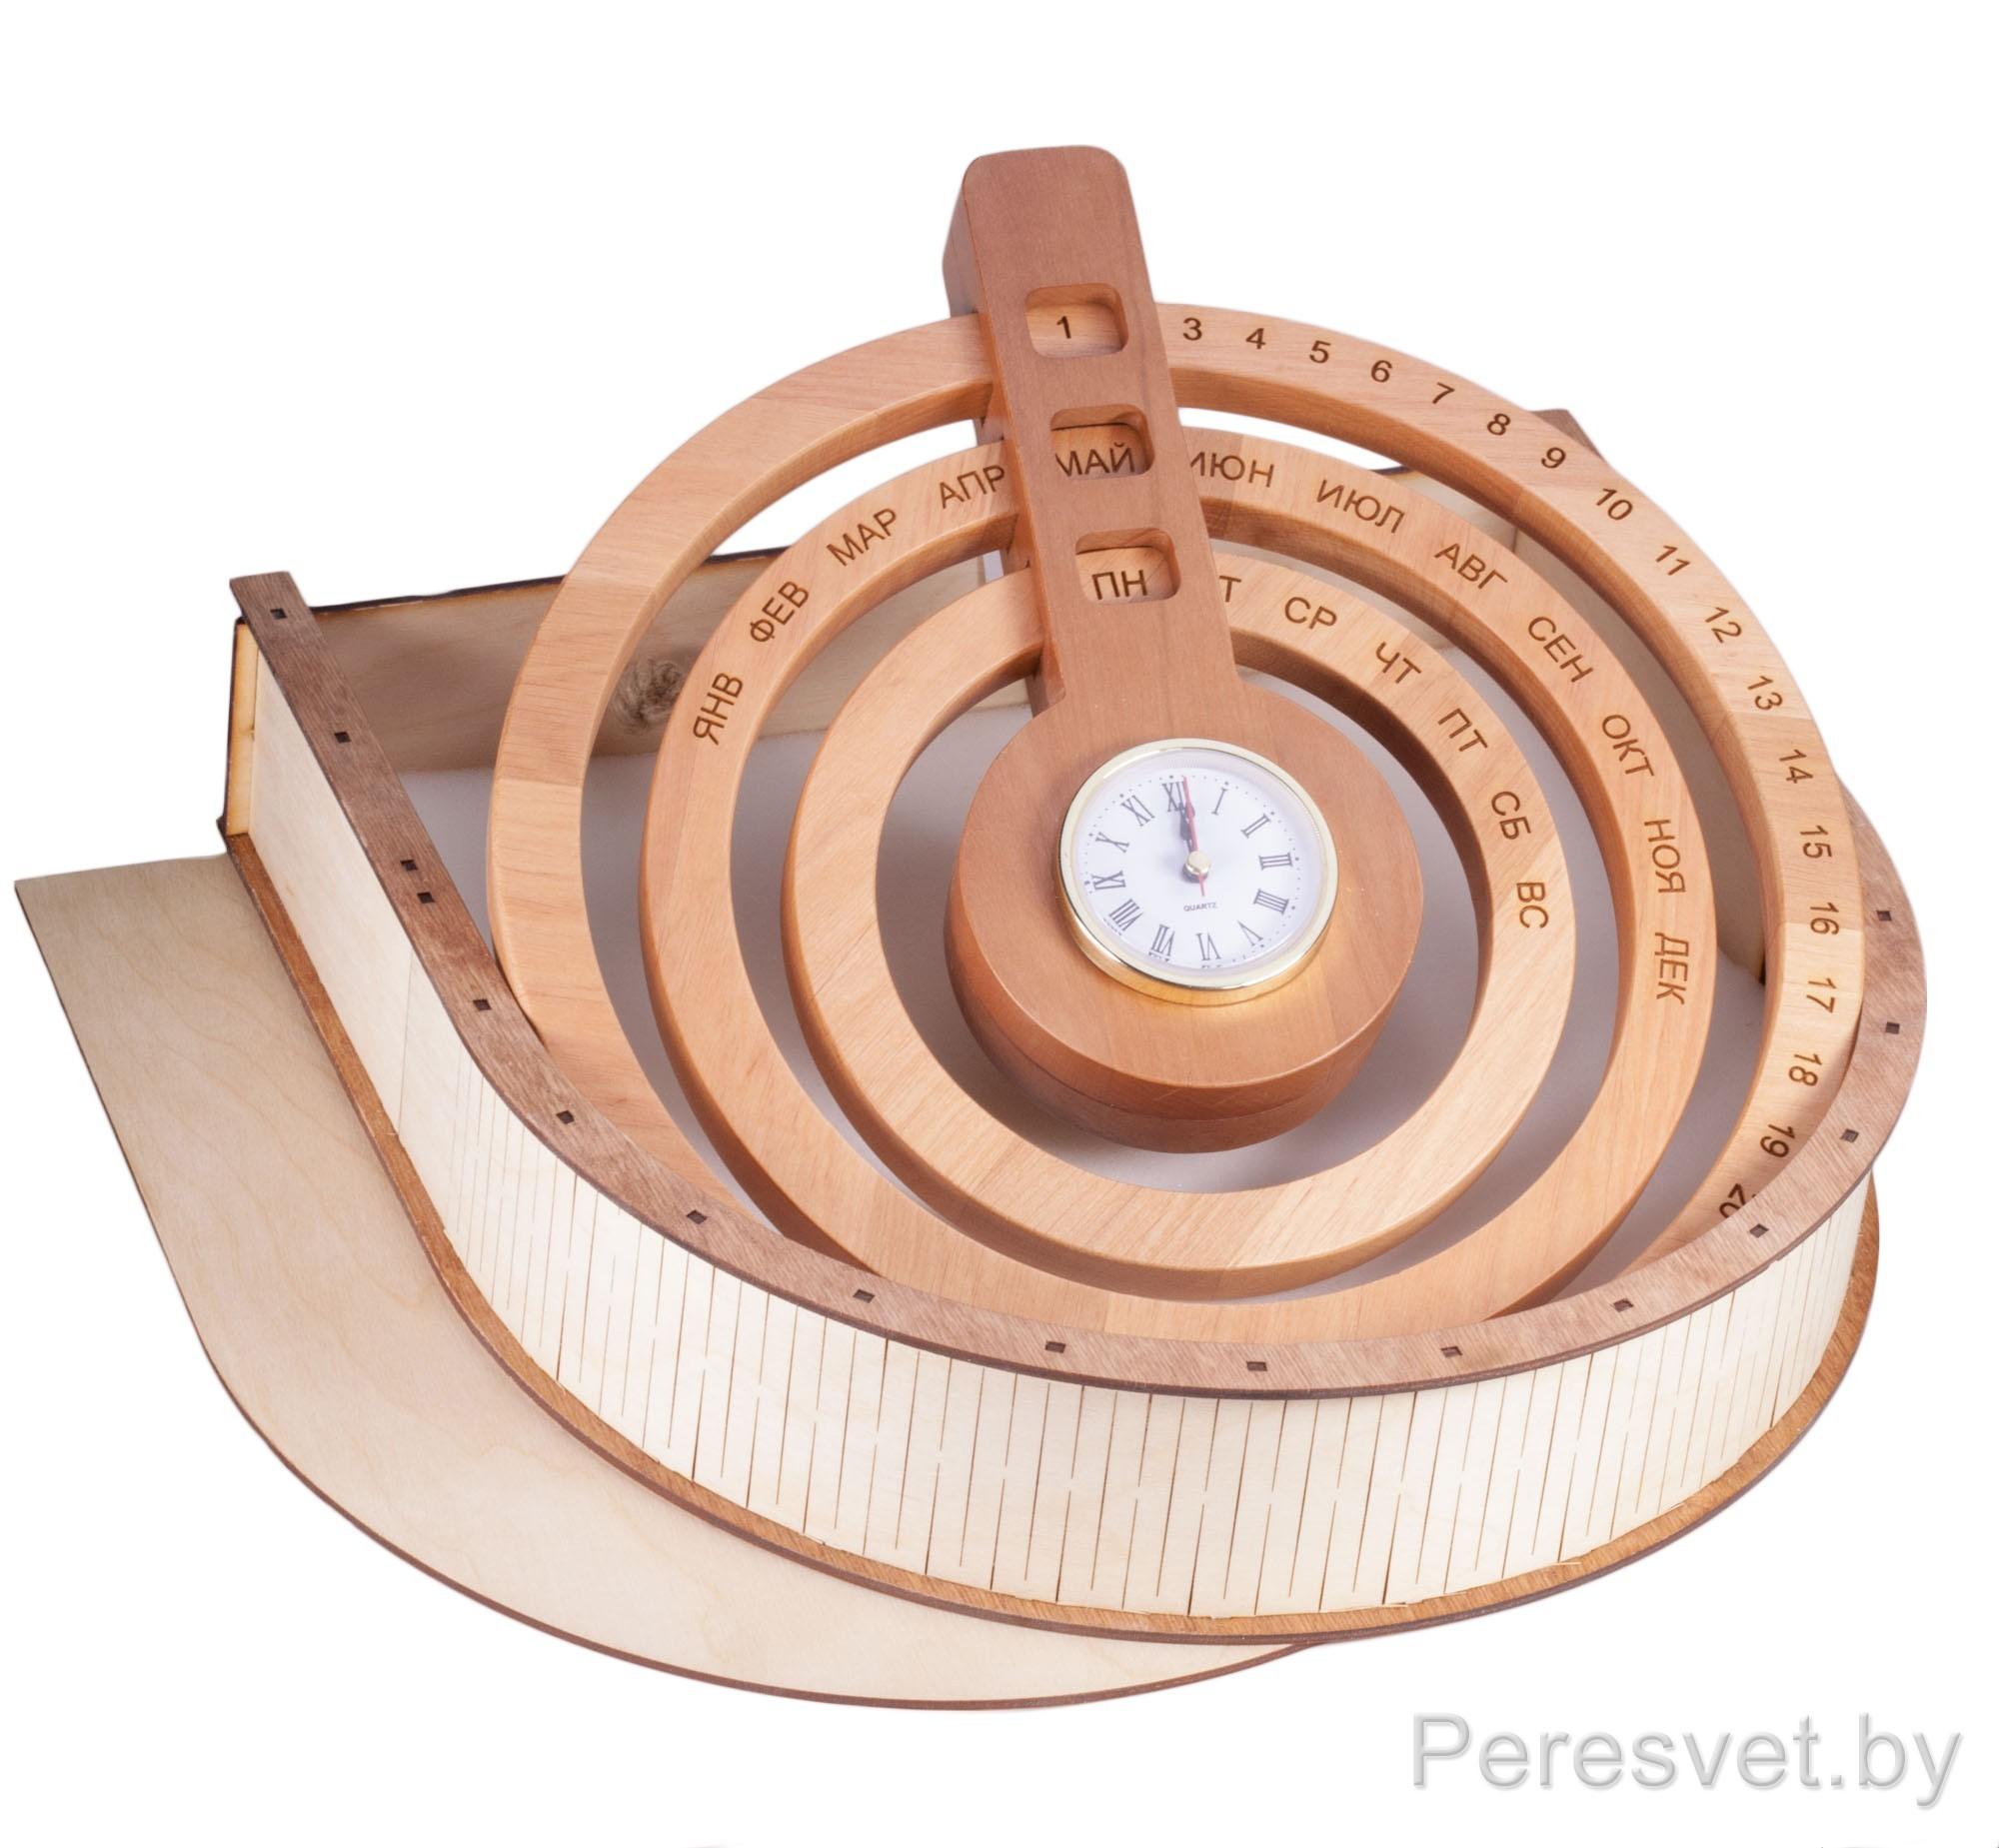 Вечный календарь из дерева с часами Круг Радогоста на peresvet.by